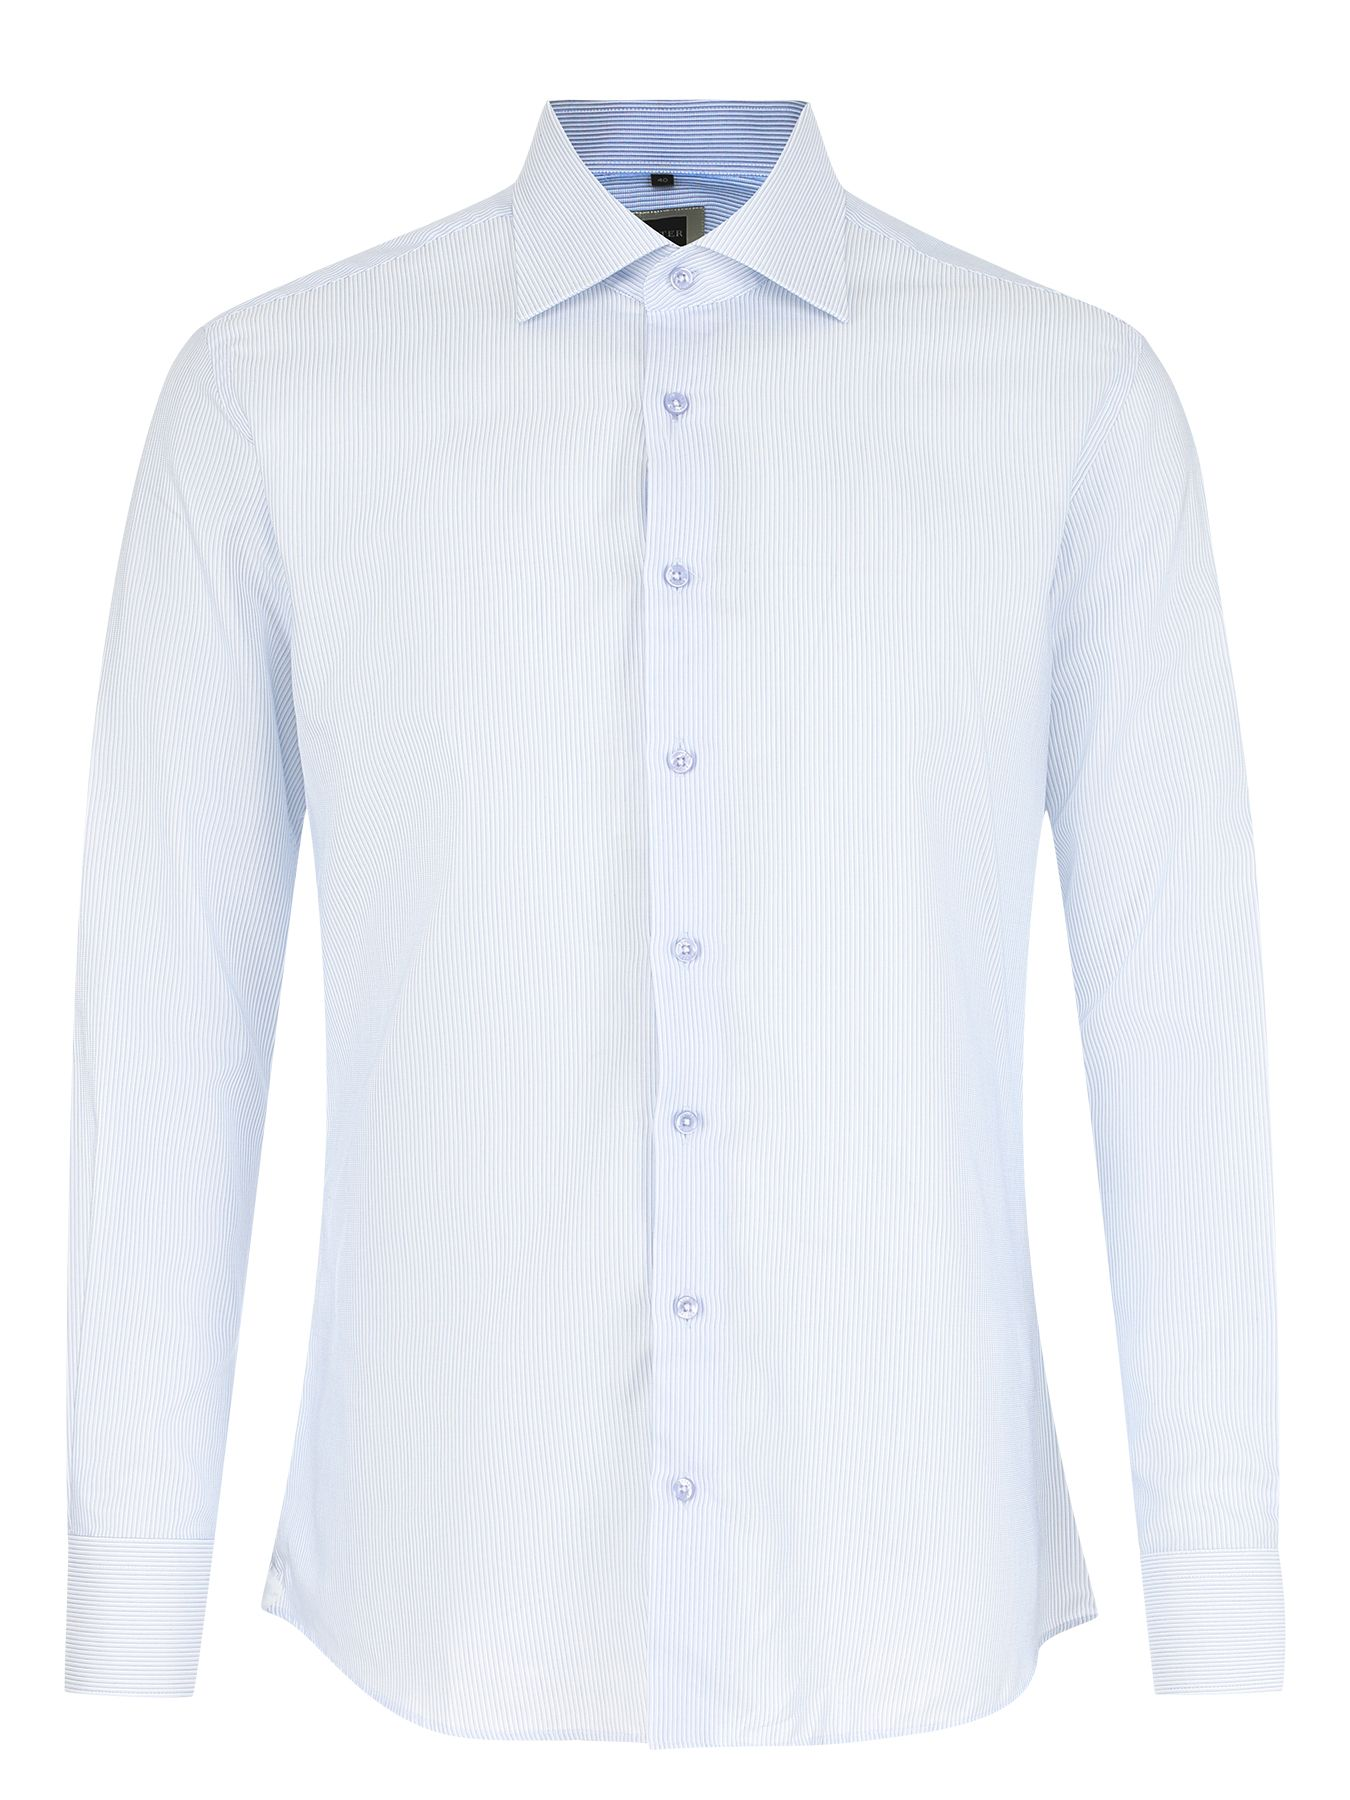 ночная рубашка с принтом в полоску Рубашки Ritter Рубашка в полоску